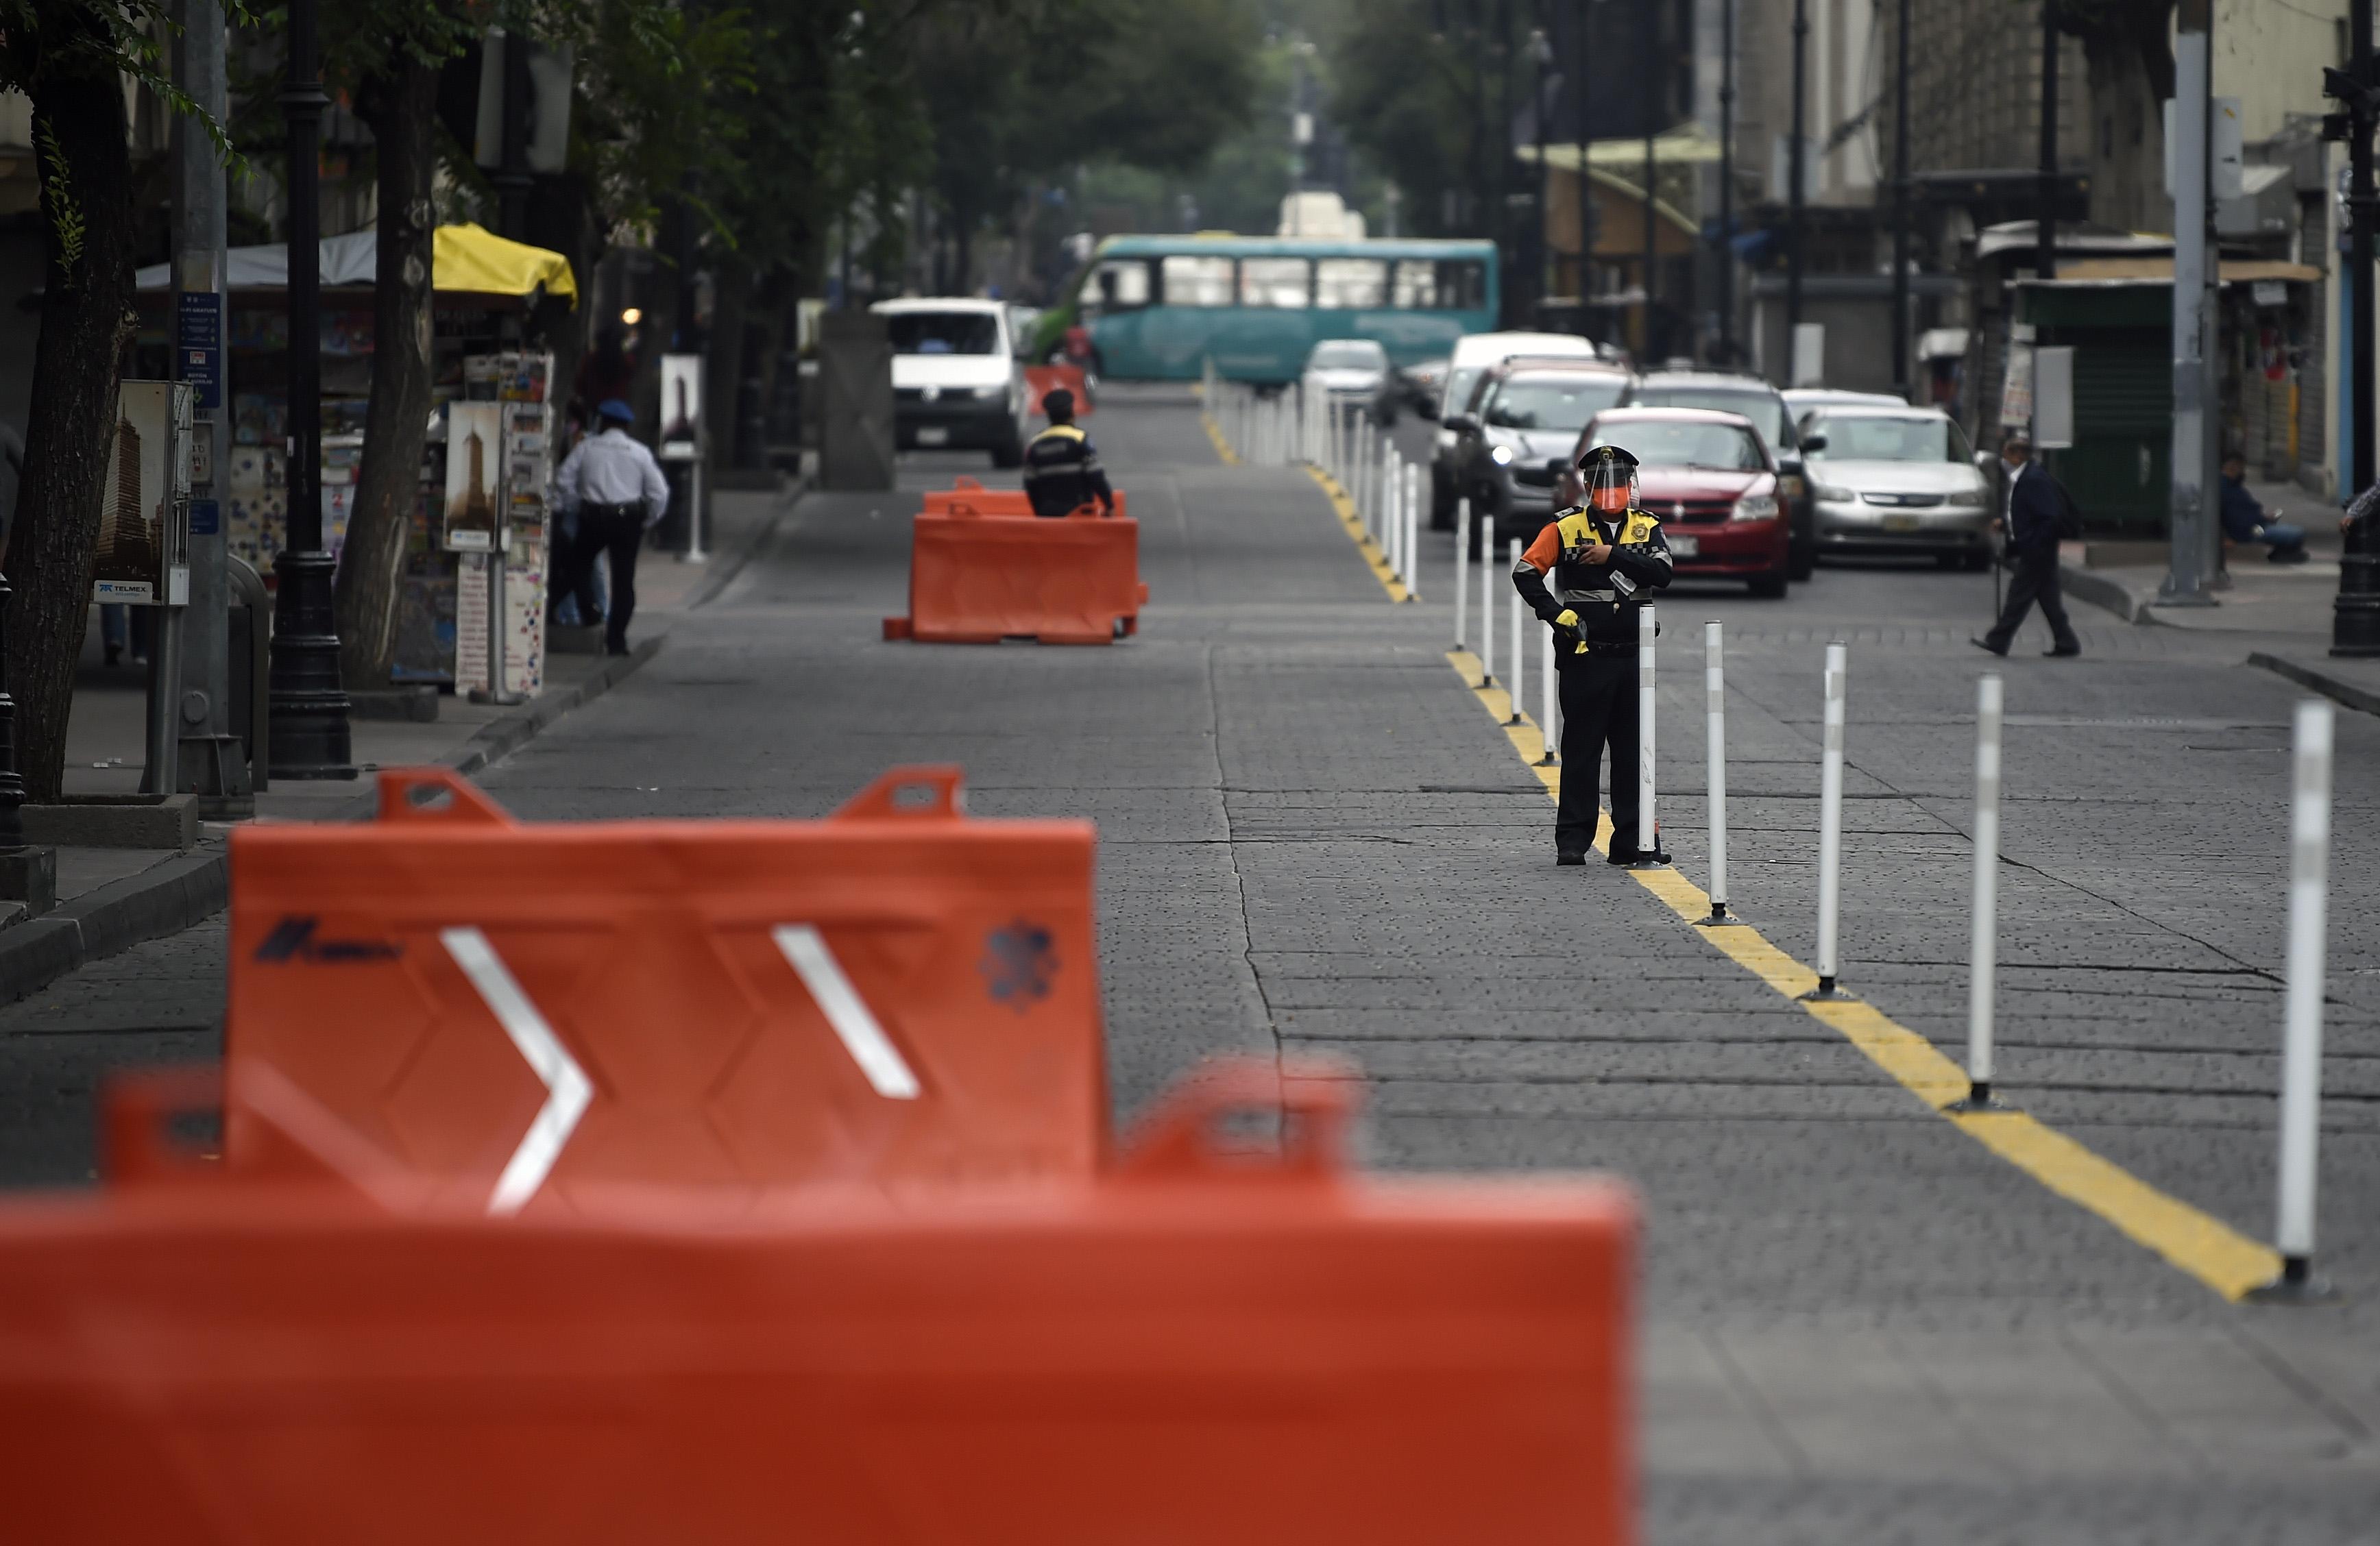 Vista del tráfico en una calle del centro histórico de la Ciudad de México habilitada para ciclistas y peatones, como parte de las medidas de reapertura adoptadas por el gobierno el 29 de junio de 2020 durante la pandemia COVID-19. (Foto: ALFREDO ESTRELLA / AFP)